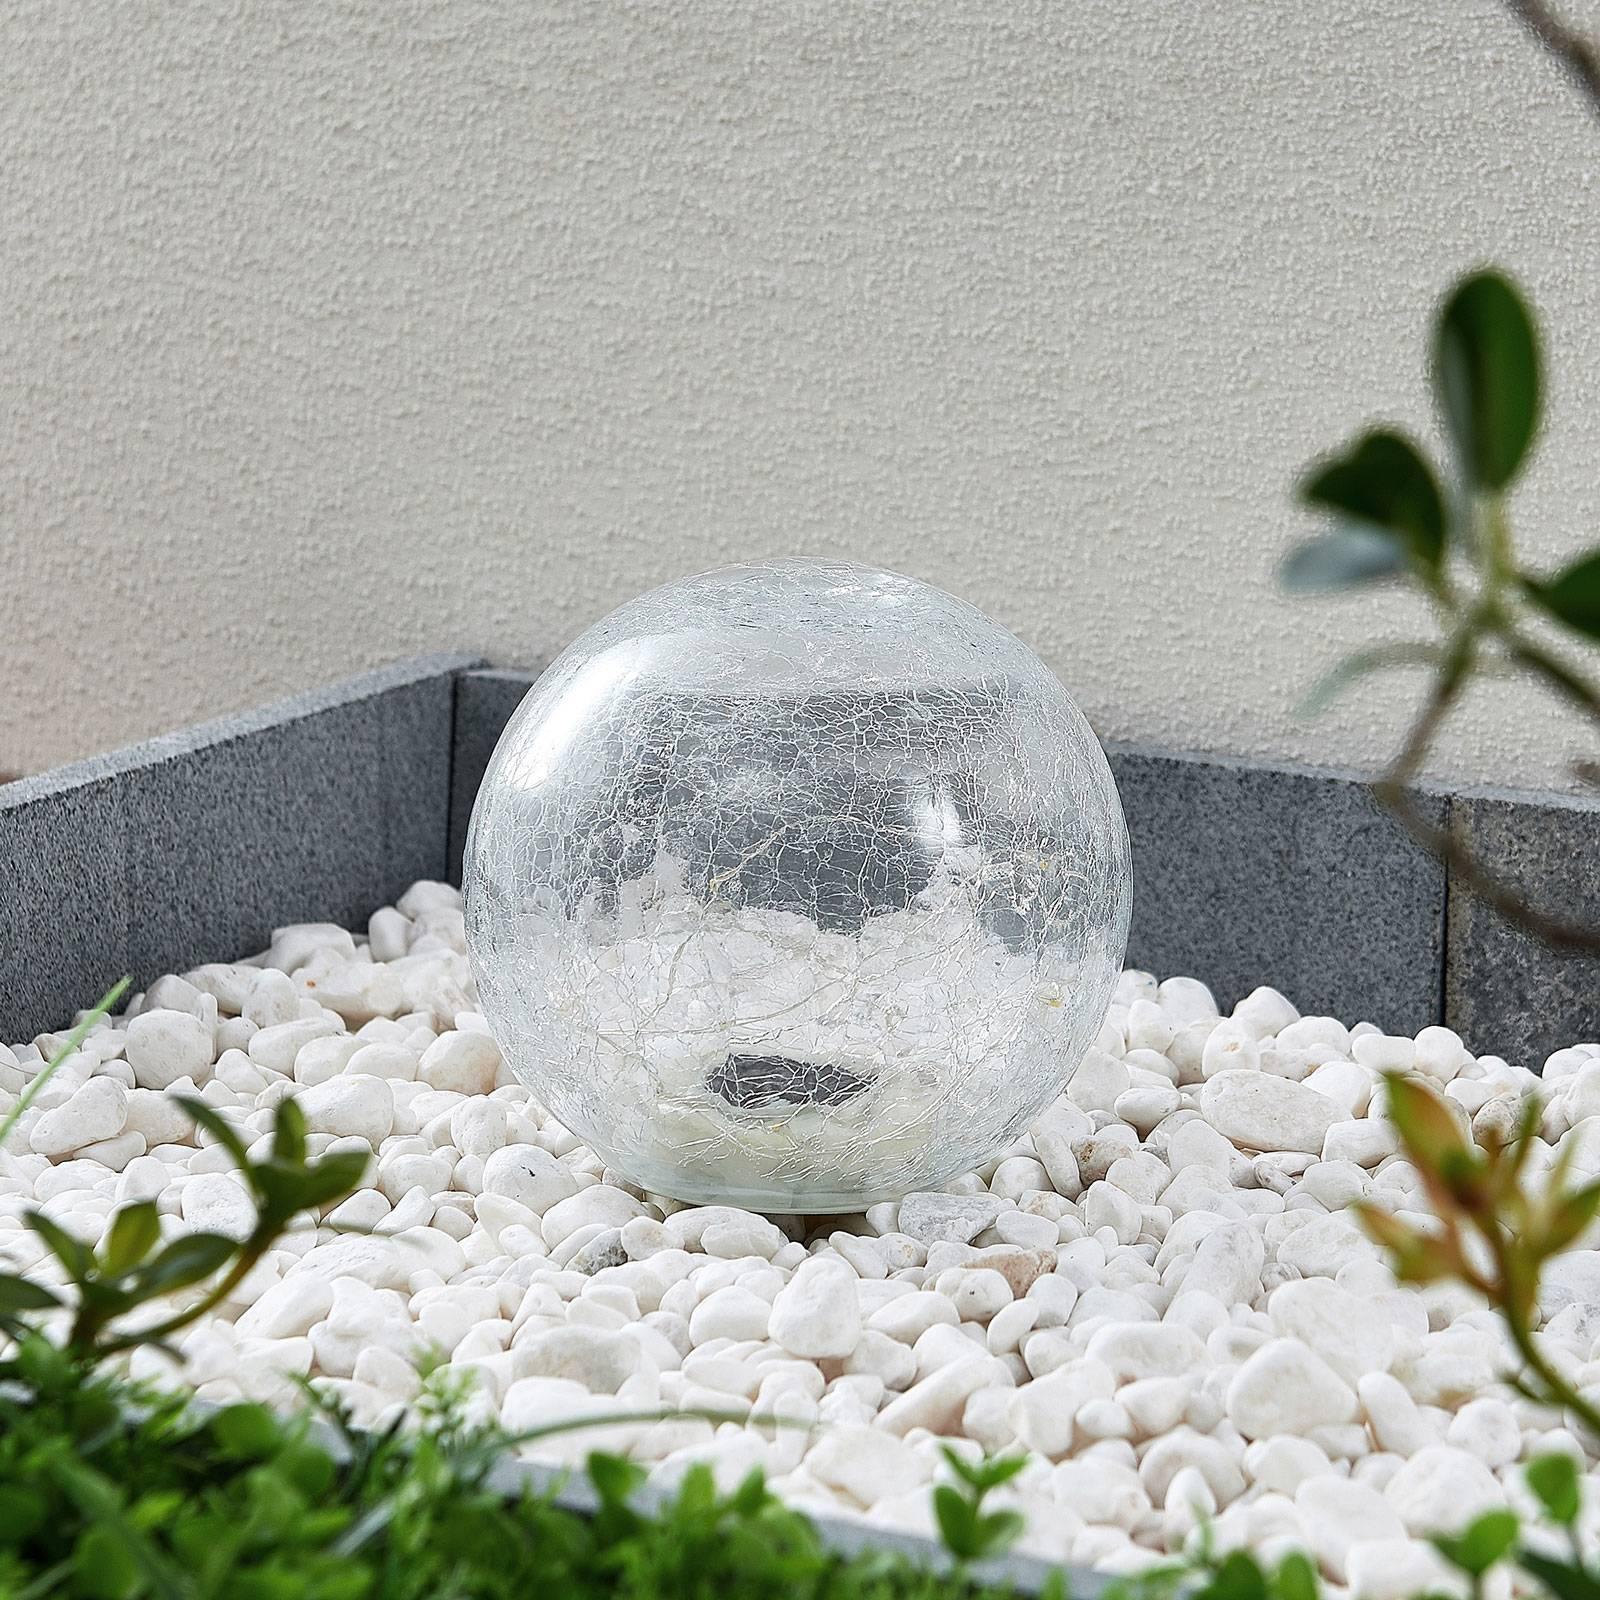 Lindby Feodoria -LED-aurinkomaapiikkivalo, Ø 15 cm